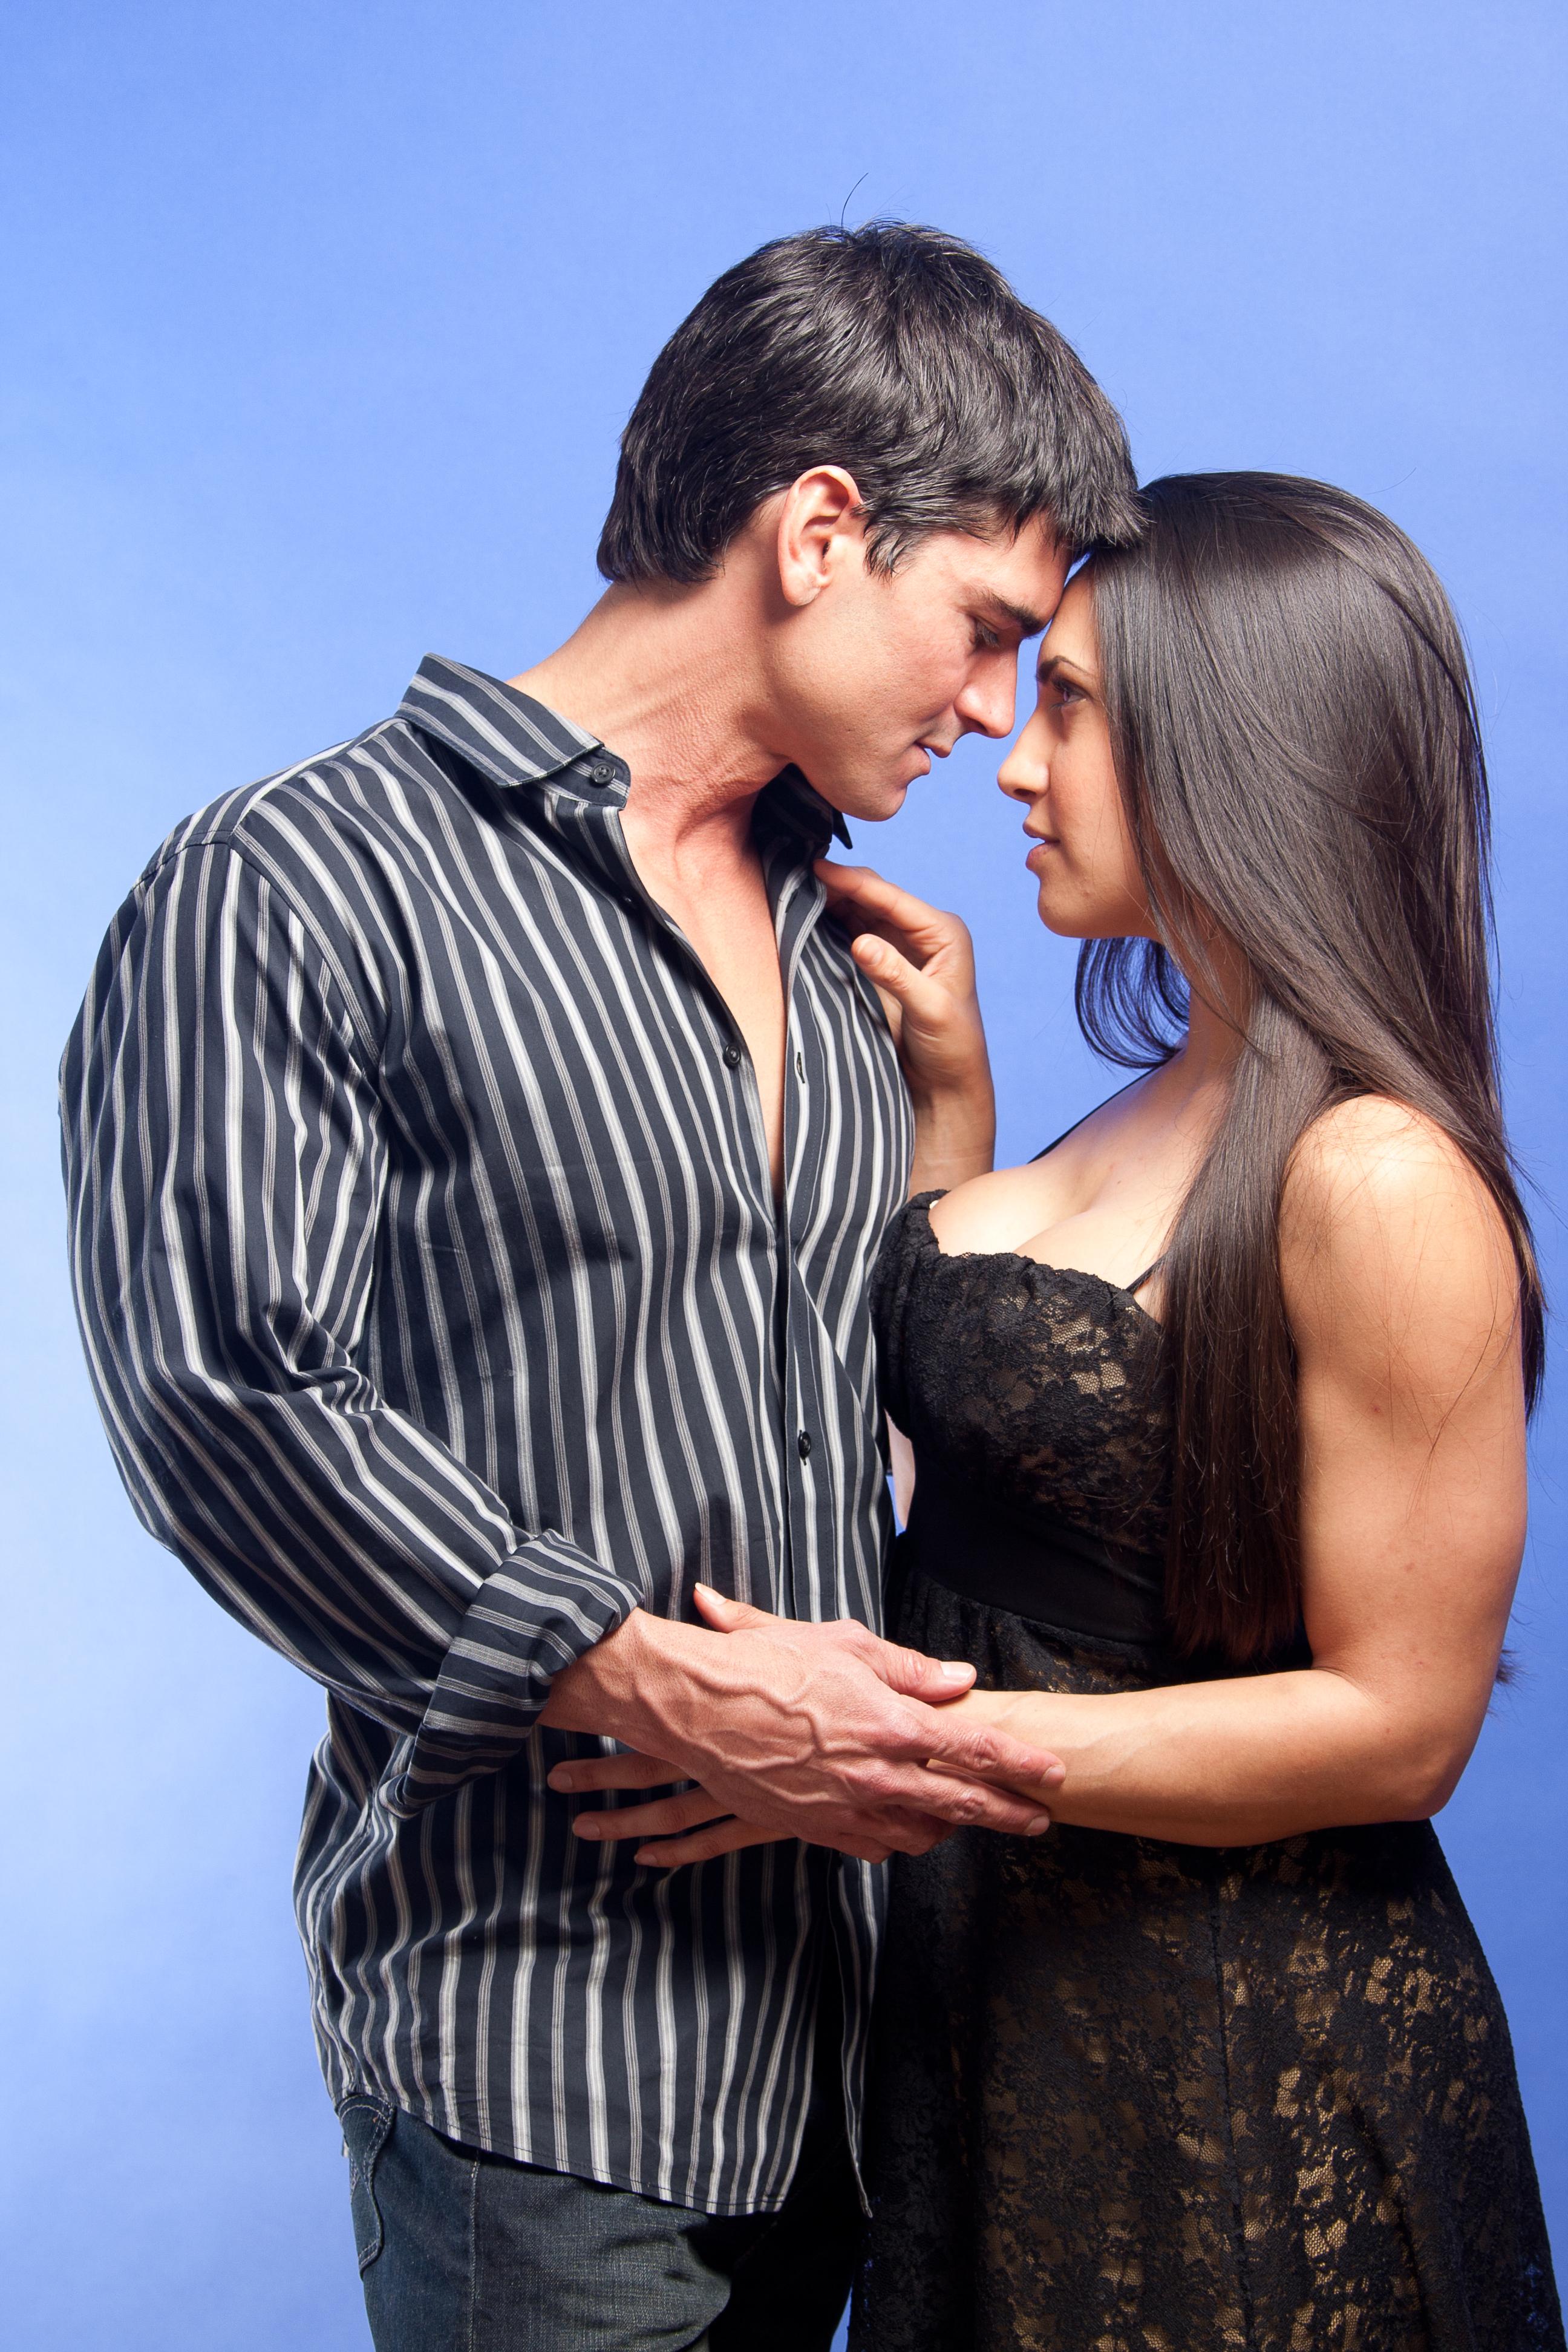 Sexy couple photo